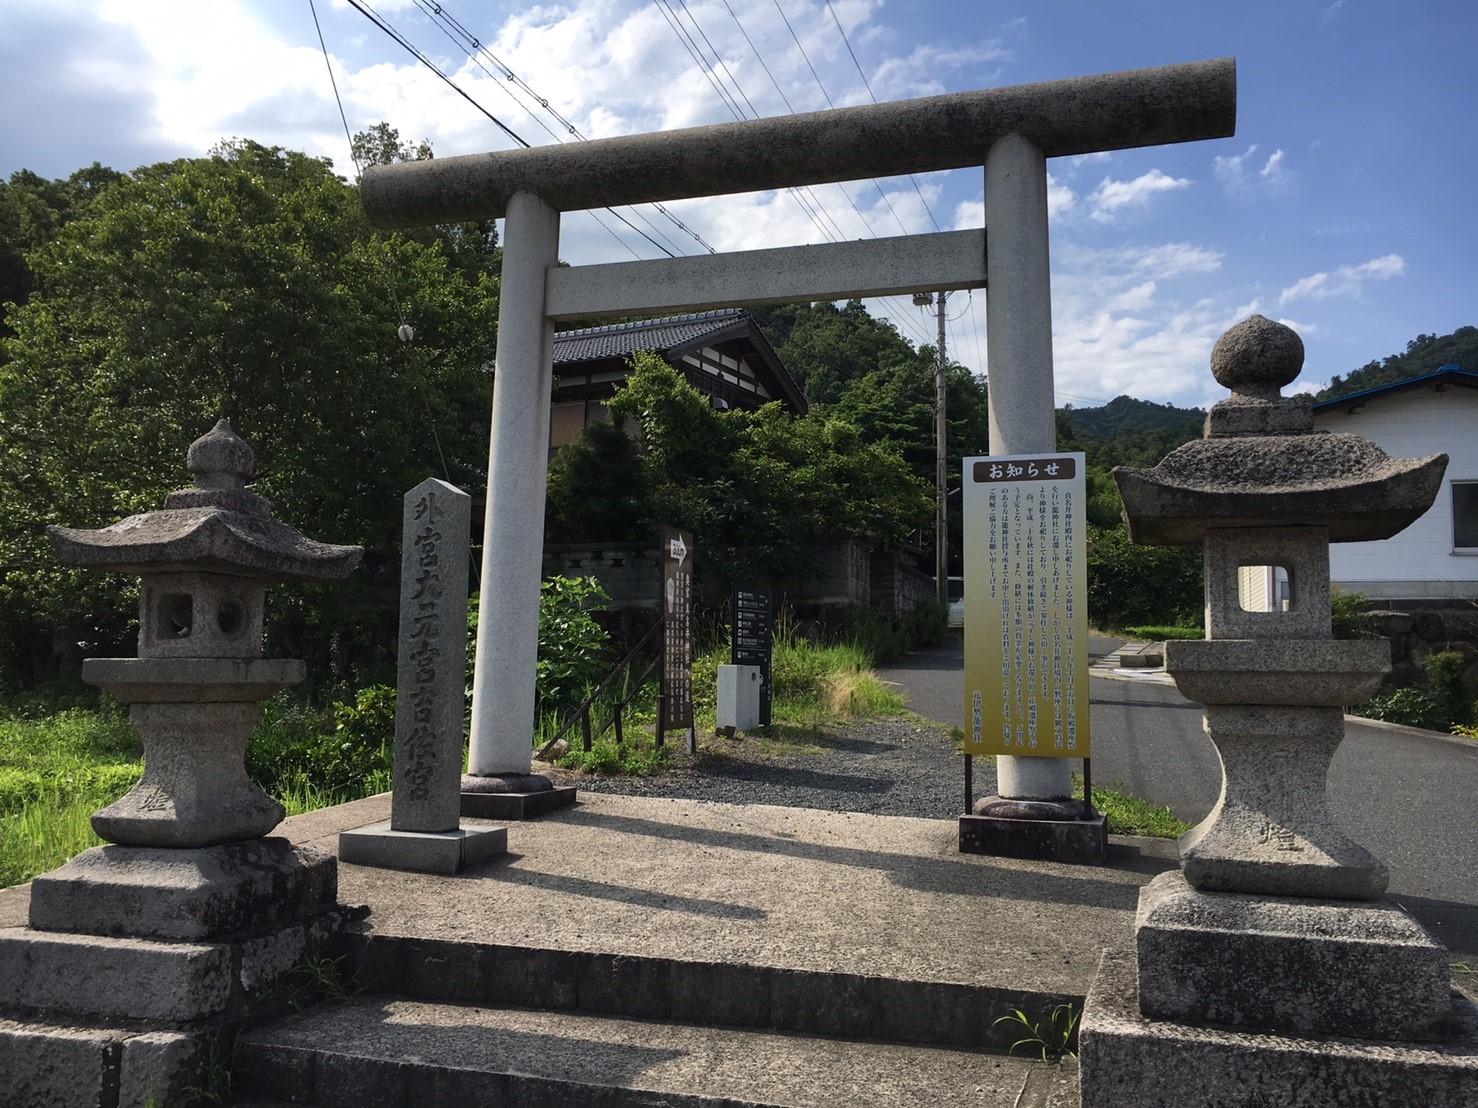 京都のパワースポット!元伊勢籠神社と真名井神社に行ってきました!